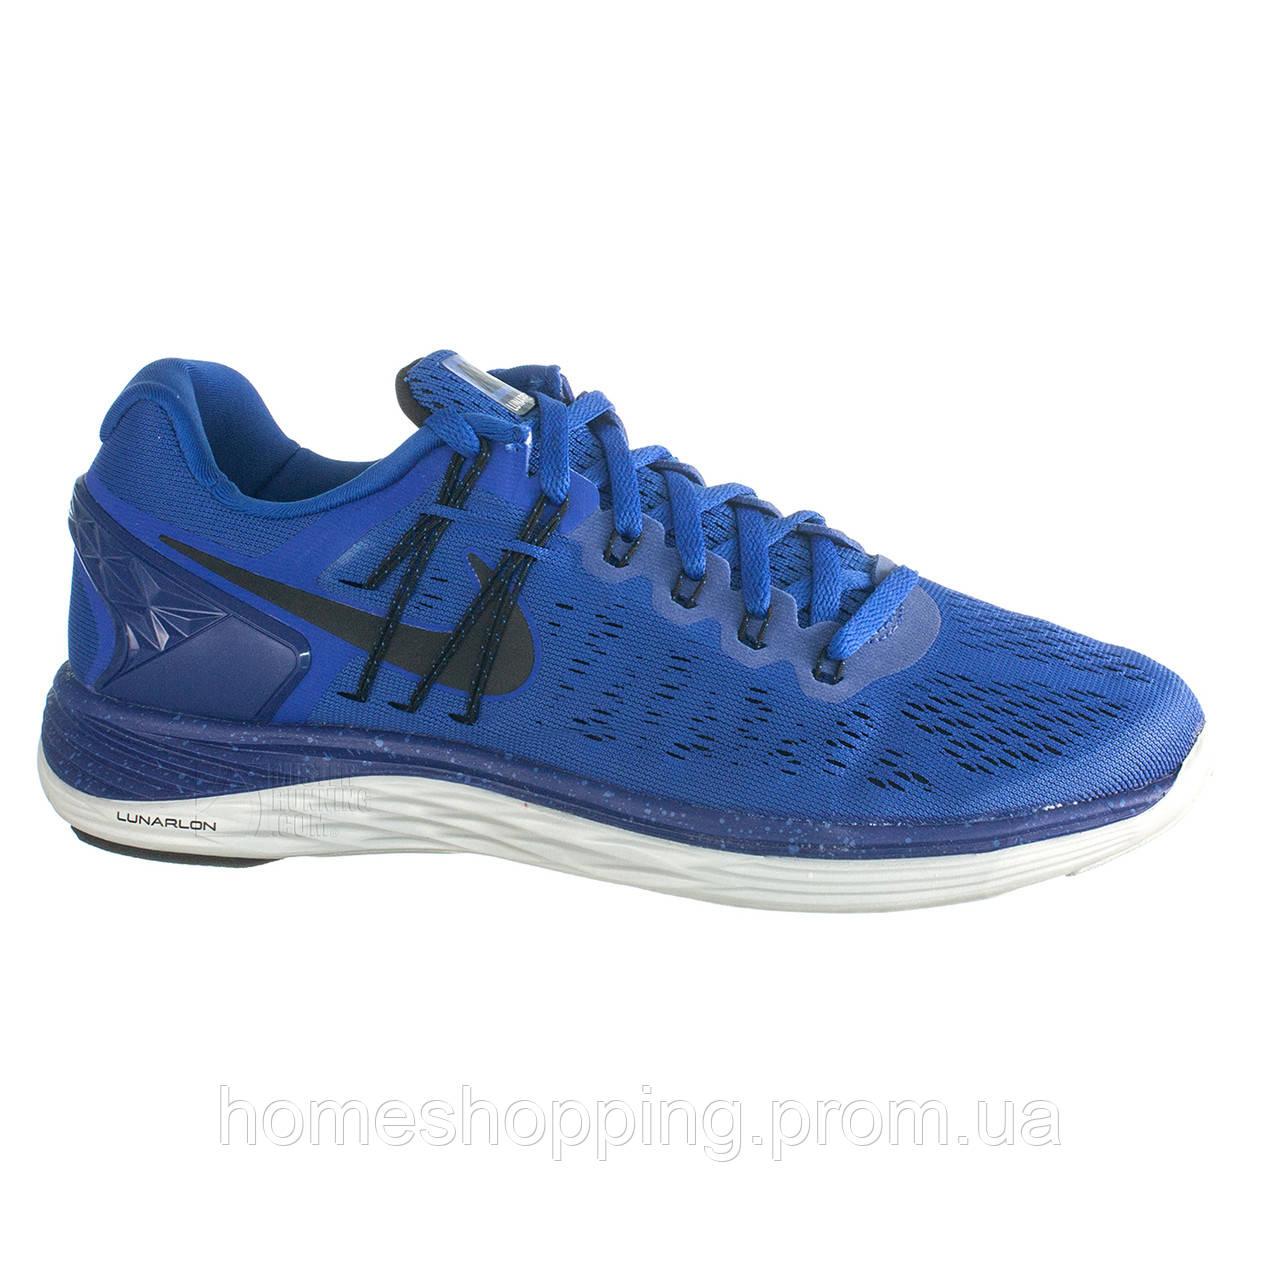 Кроссовки для бега Nike Lunareclipse 5 705396-402